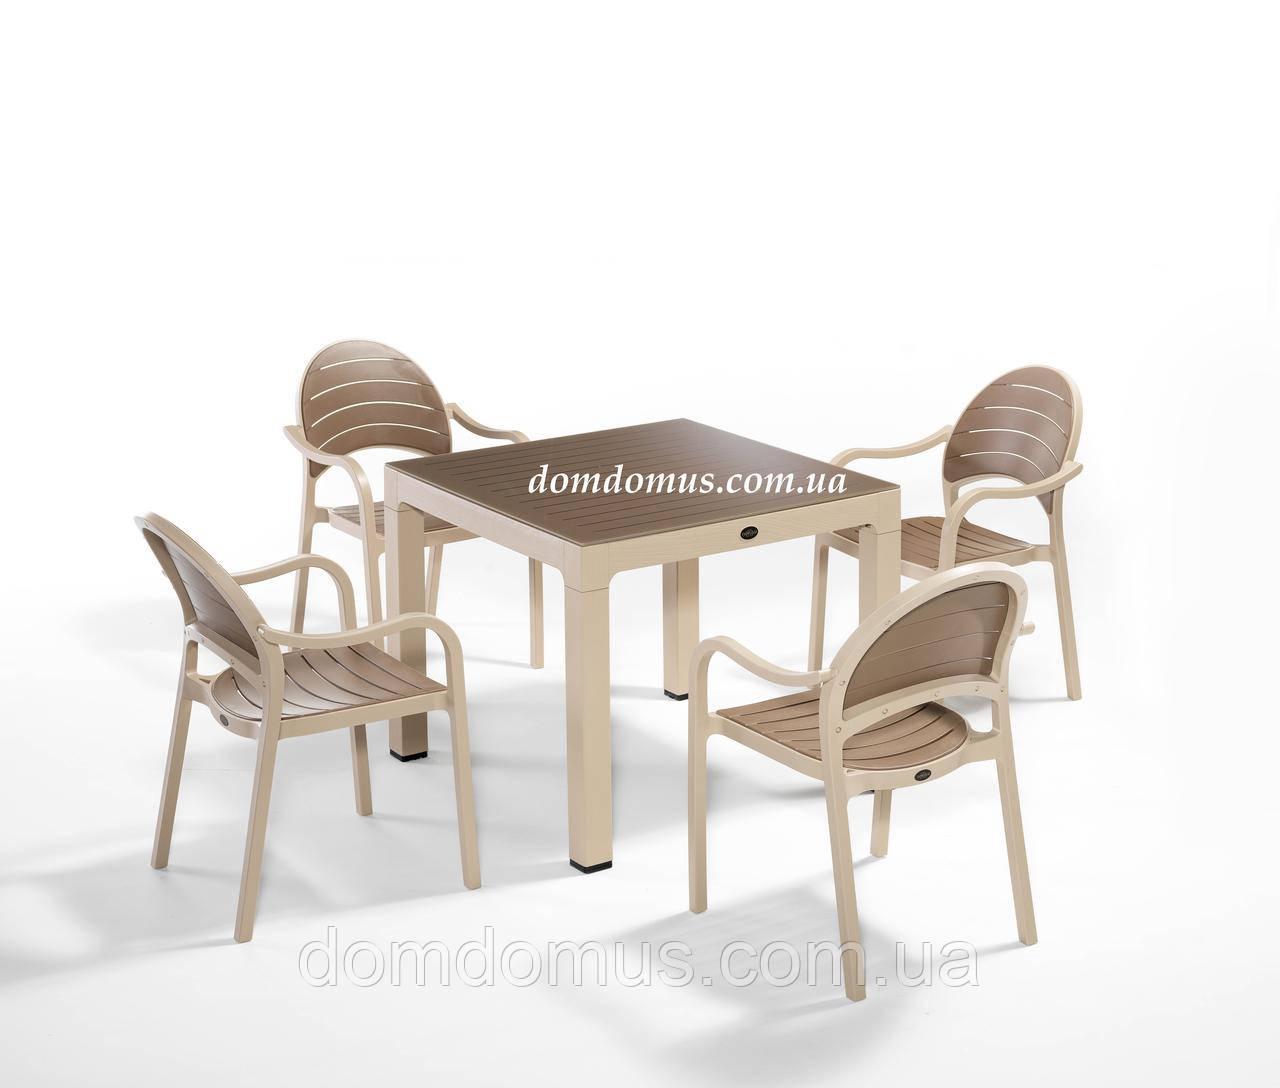 """Комплект високоякісних меблів """"Senza For 4"""" (стіл 70*70, 4 крісла) Novussi, Туреччина"""